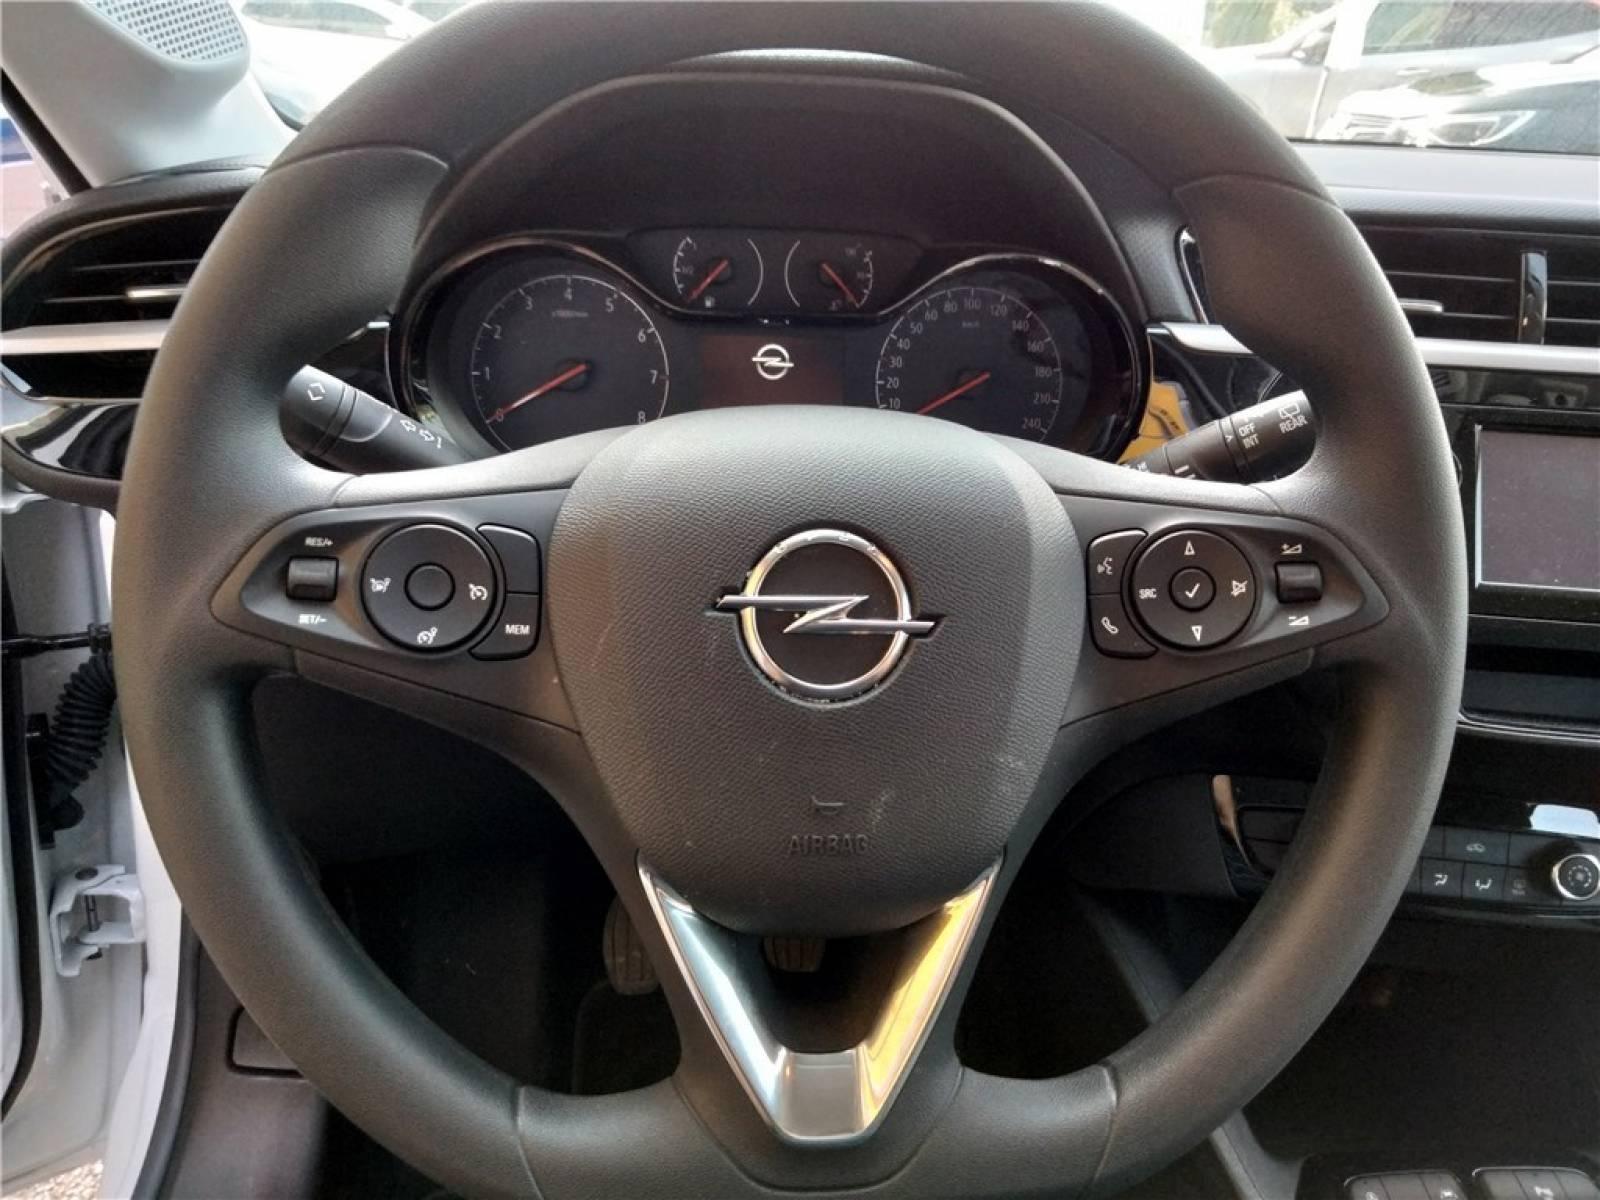 OPEL Corsa 1.2 75 ch BVM5 - véhicule d'occasion - Groupe Guillet - Opel Magicauto - Chalon-sur-Saône - 71380 - Saint-Marcel - 16